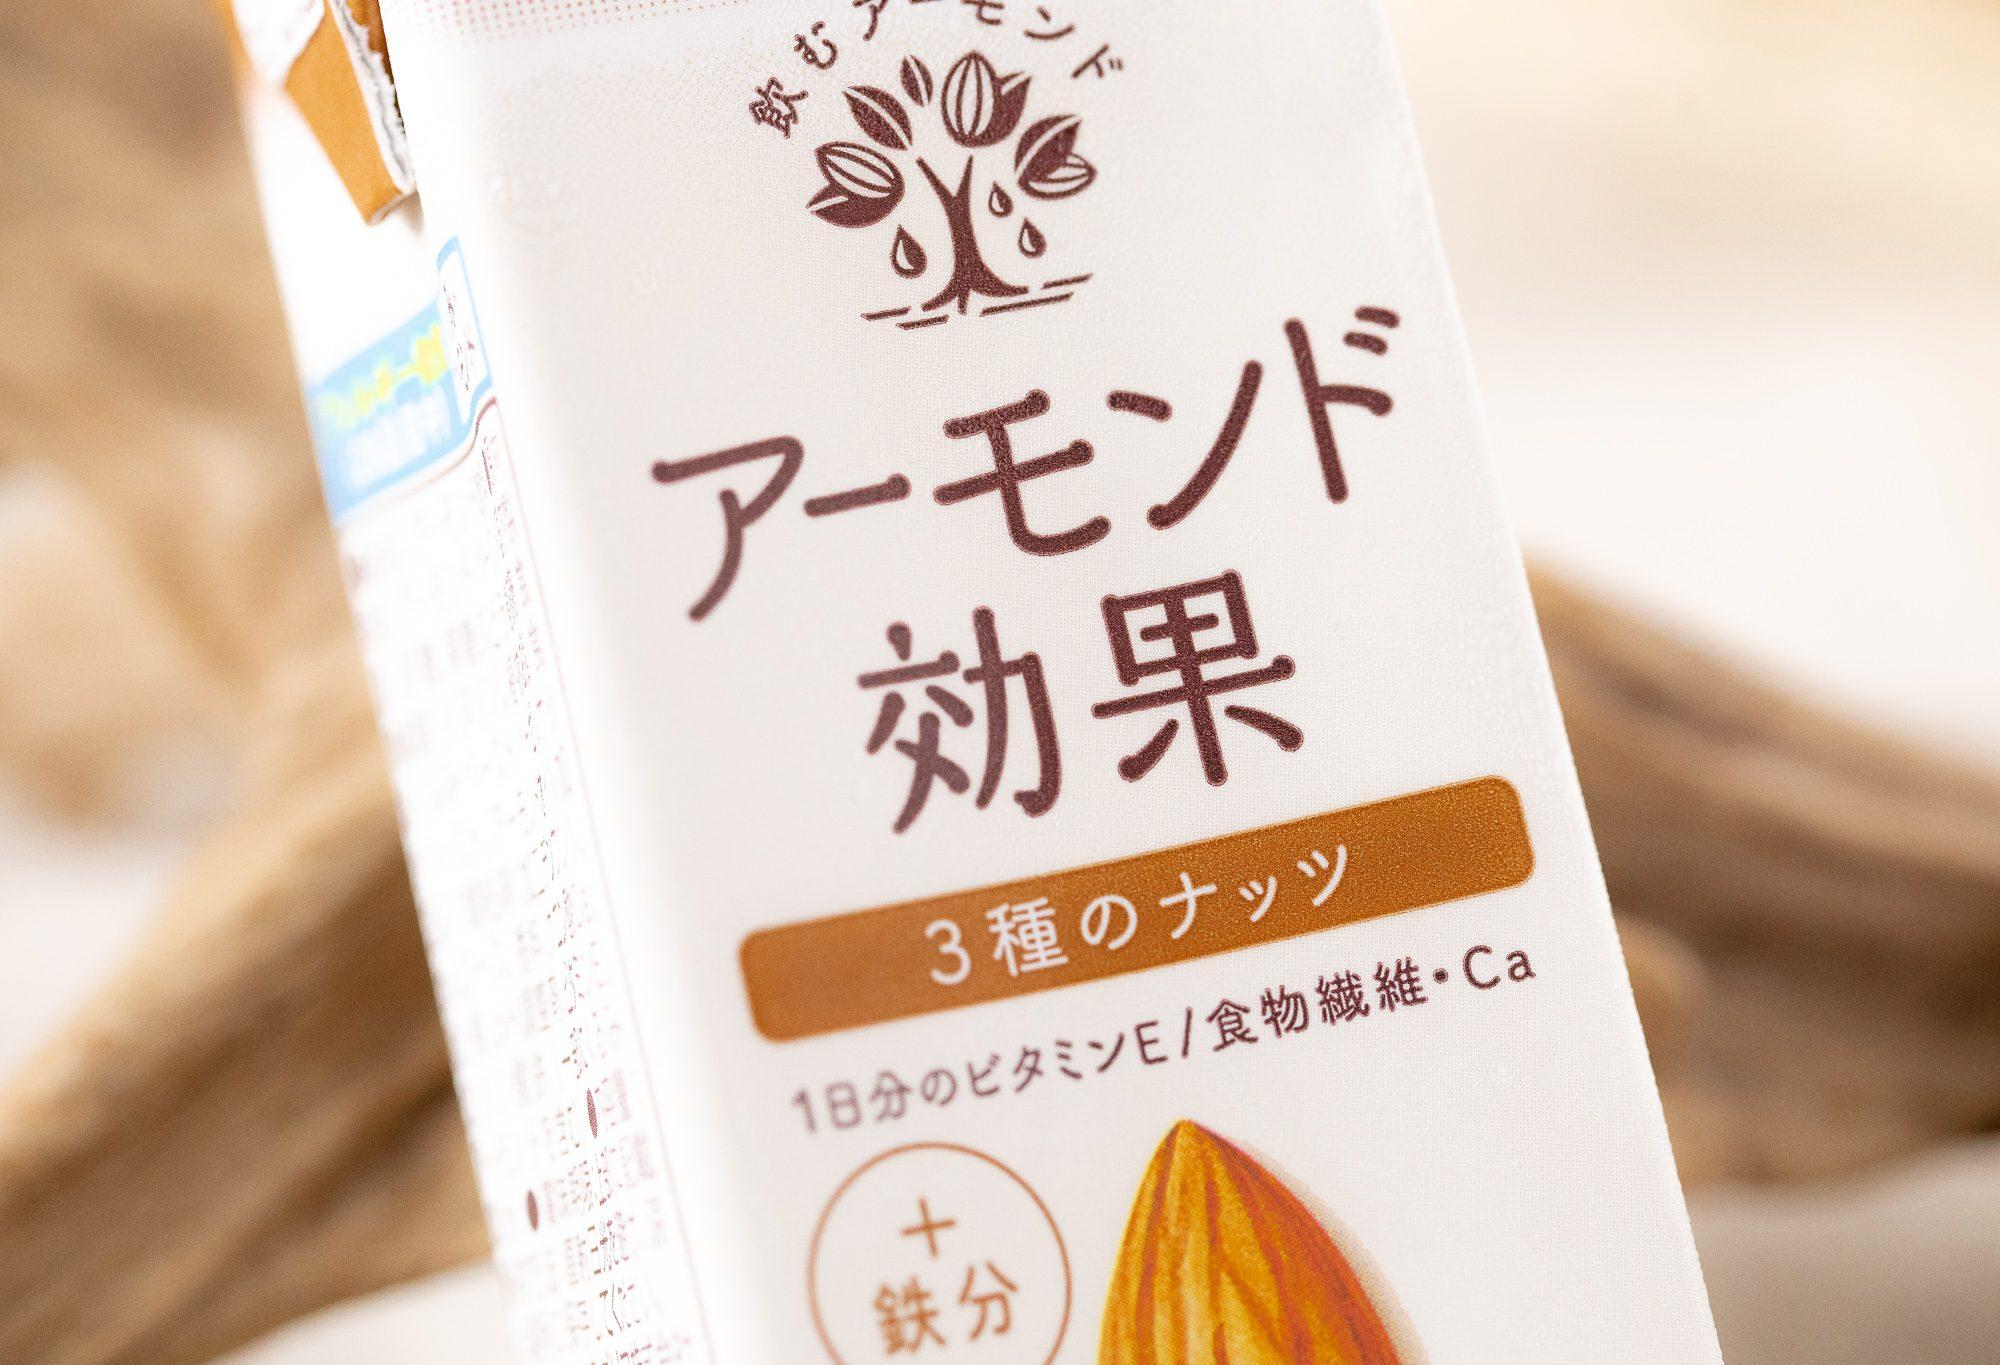 グリコ『アーモンド効果 3種のナッツ 200ml』は3種のナッツの香ばしさ、渋味、甘味のバランスが抜群で旨味たっぷりなアーモンドミルク!